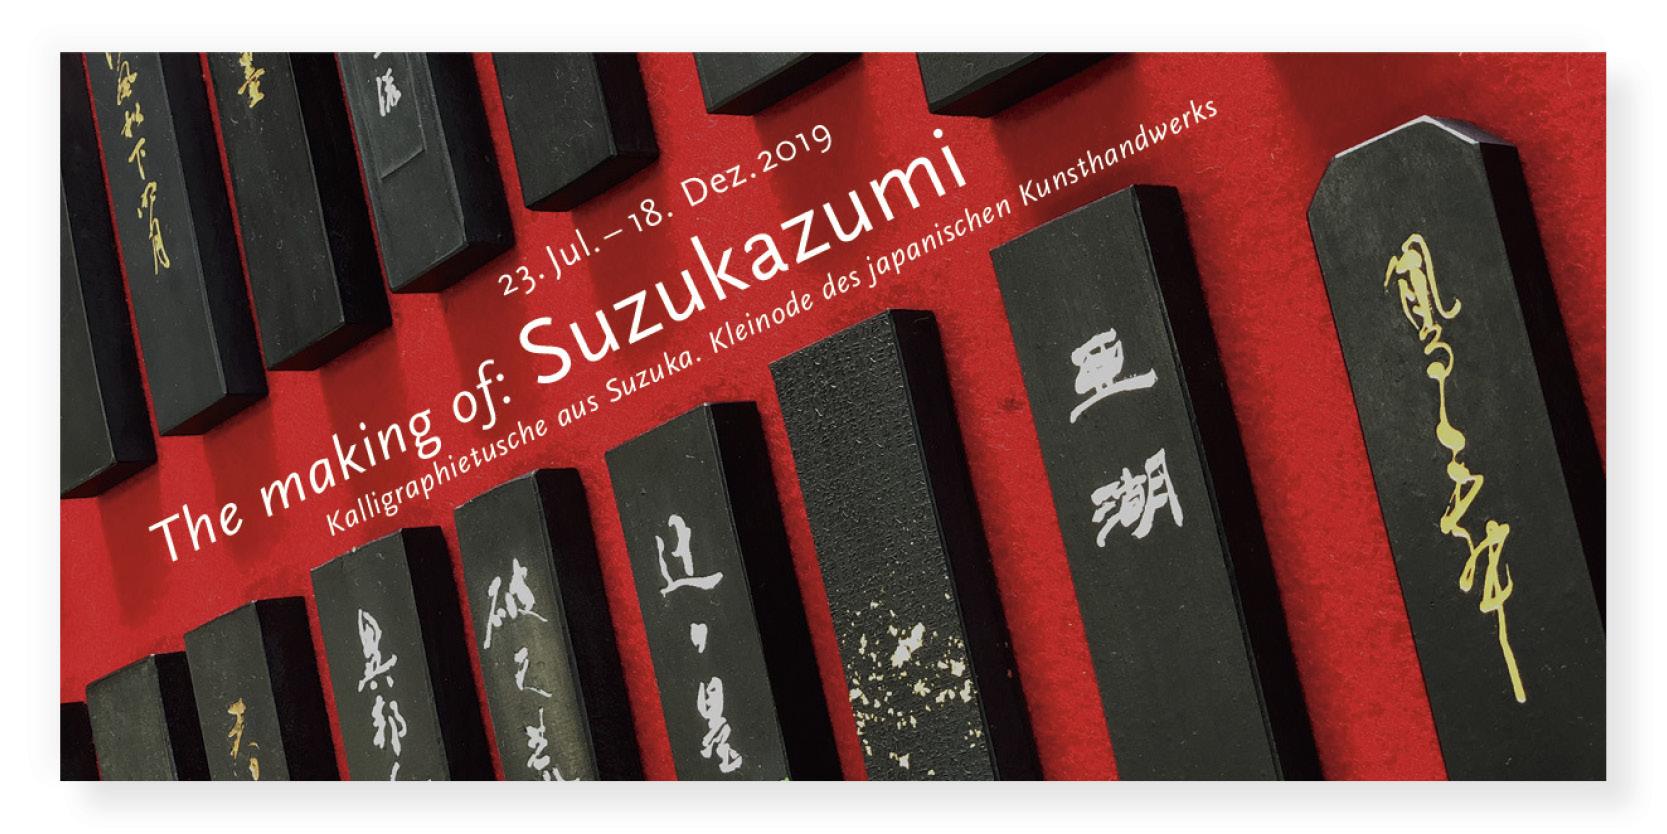 Einladungskartegestaltung Ausstellung Suzukazumi 02